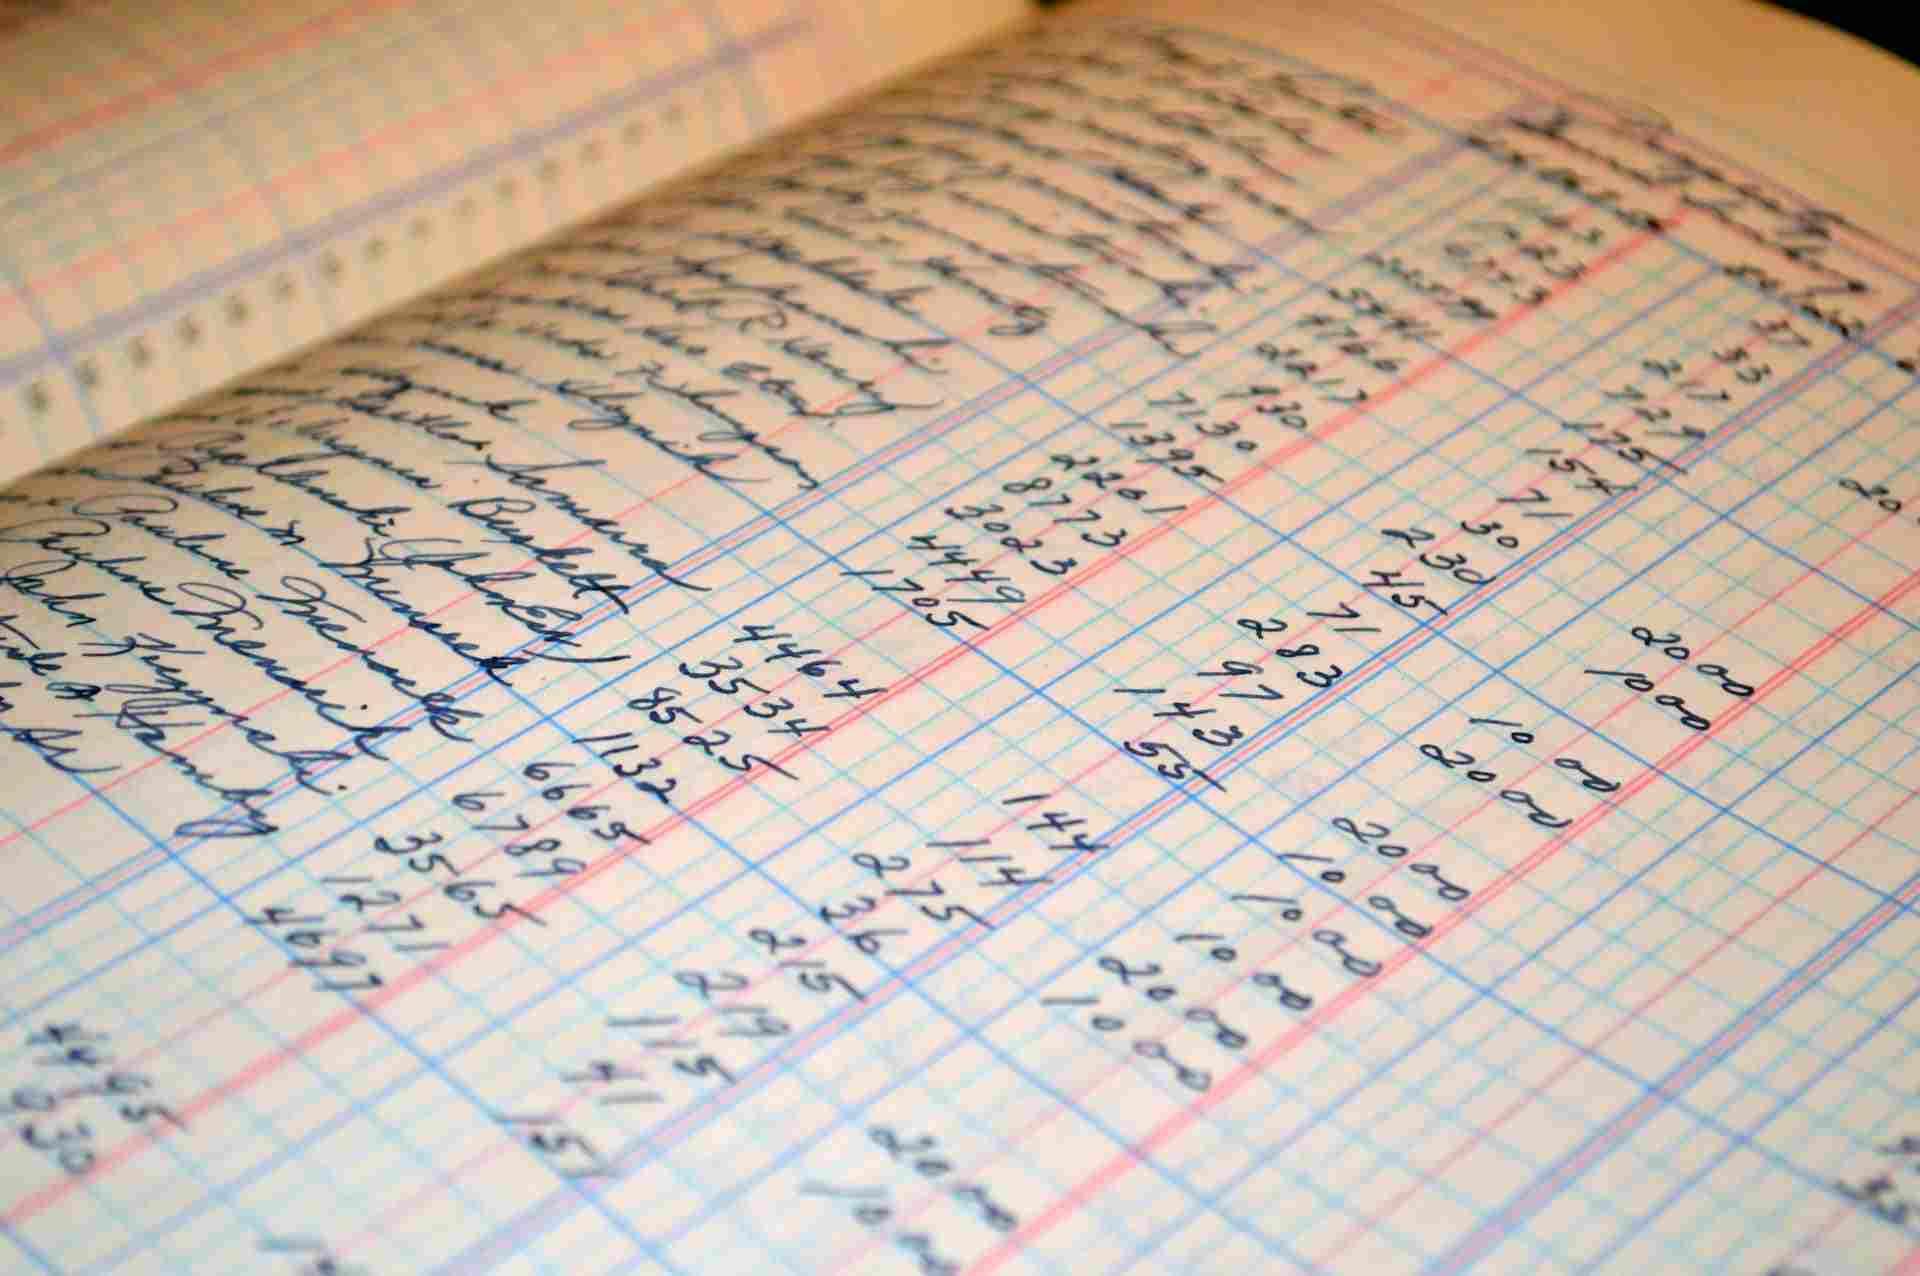 Handwritten Accounting Balance